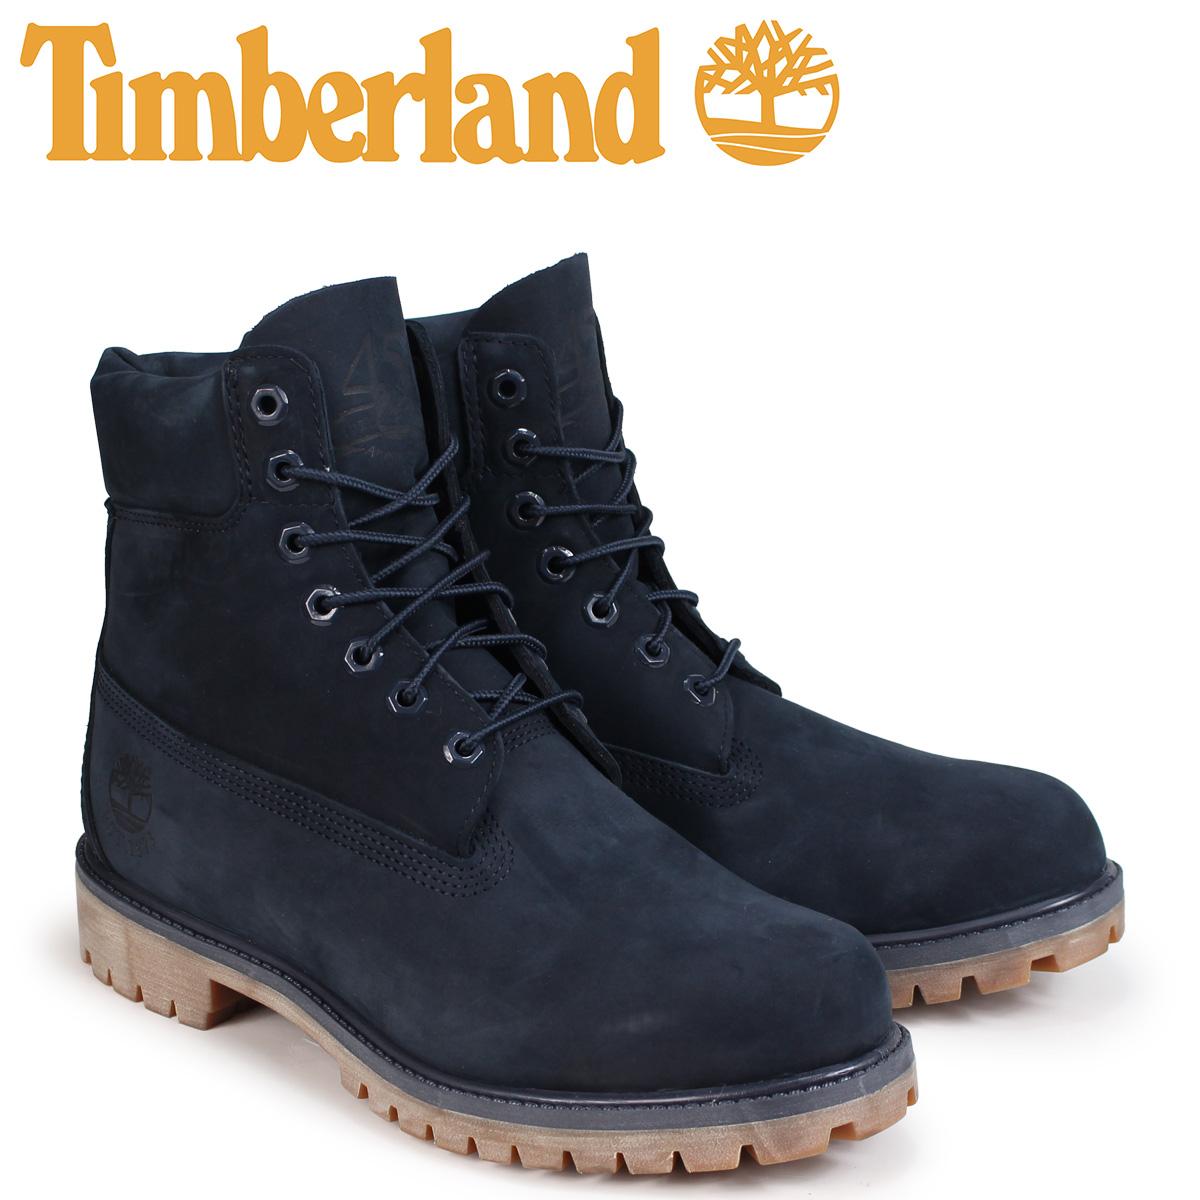 ティンバーランド Timberland ブーツ メンズ 6インチ 6-INCH PREMIUM BOOTS A1TSZ Wワイズ ネイビー